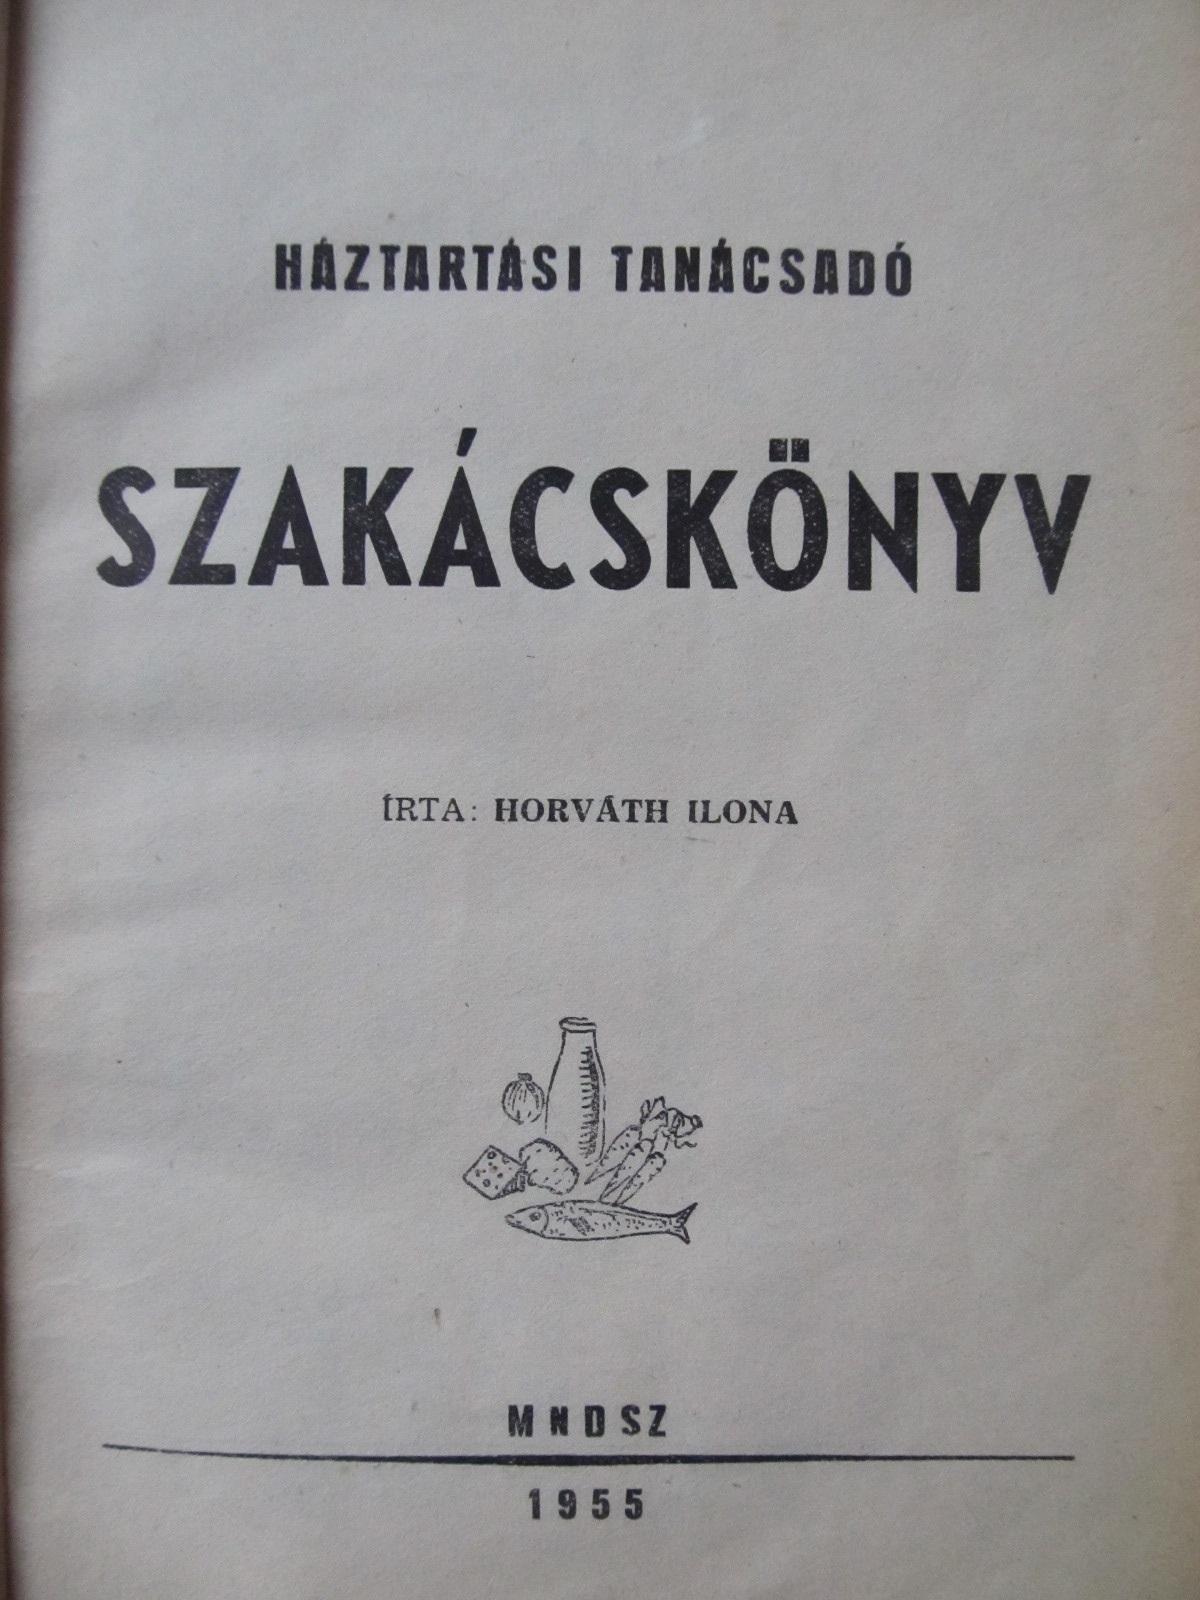 Carte Szakacskonyv , 1955 - Horvath Ilona